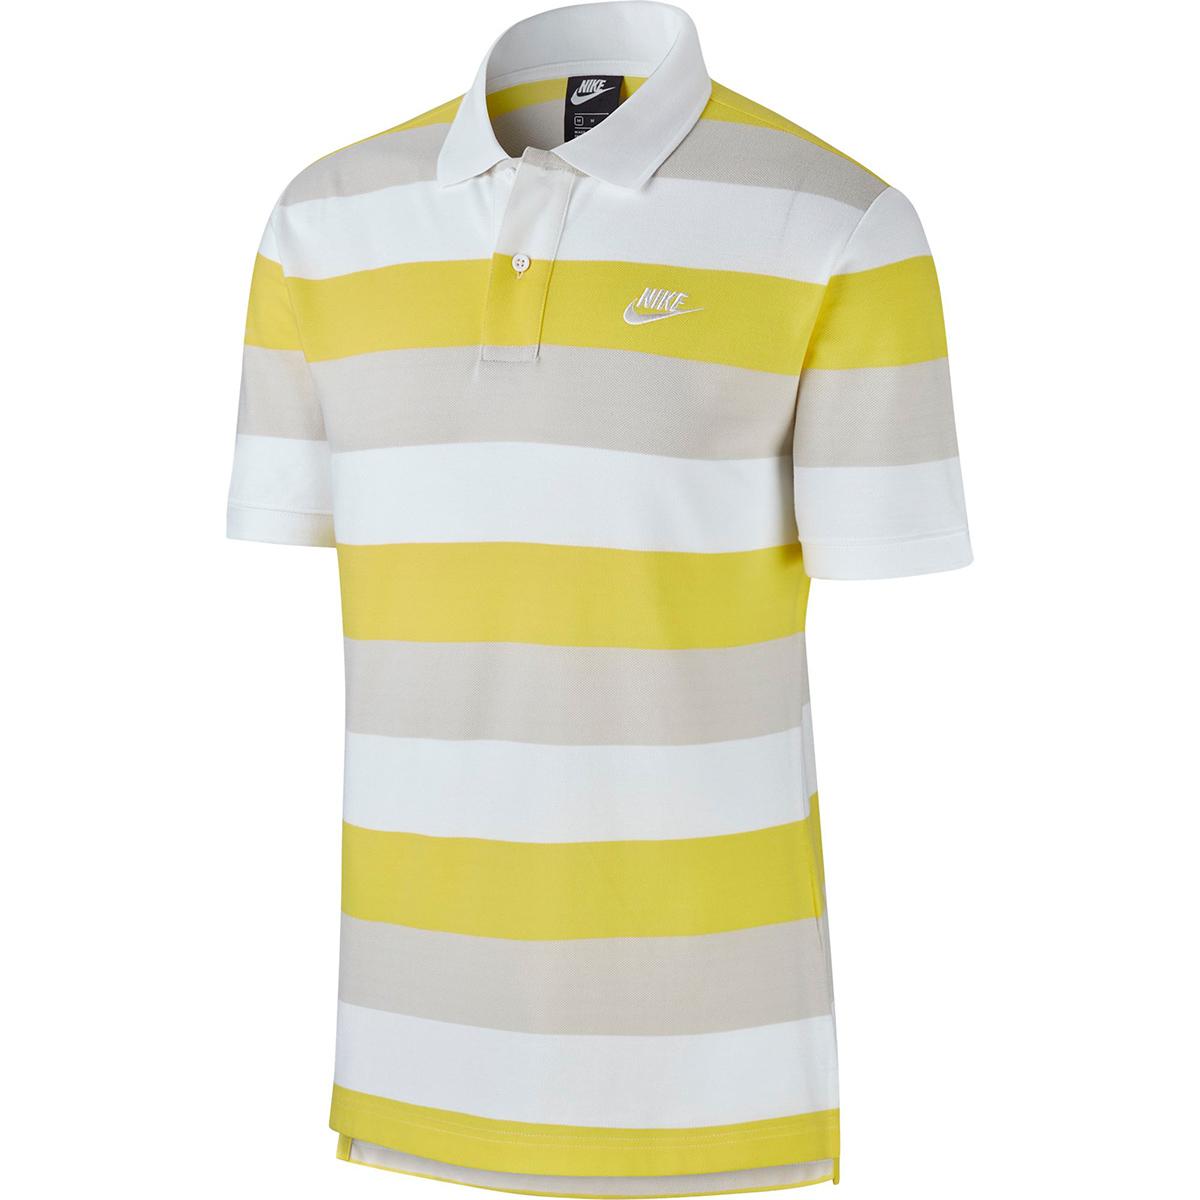 マッチアップストライプ半袖ポロシャツ